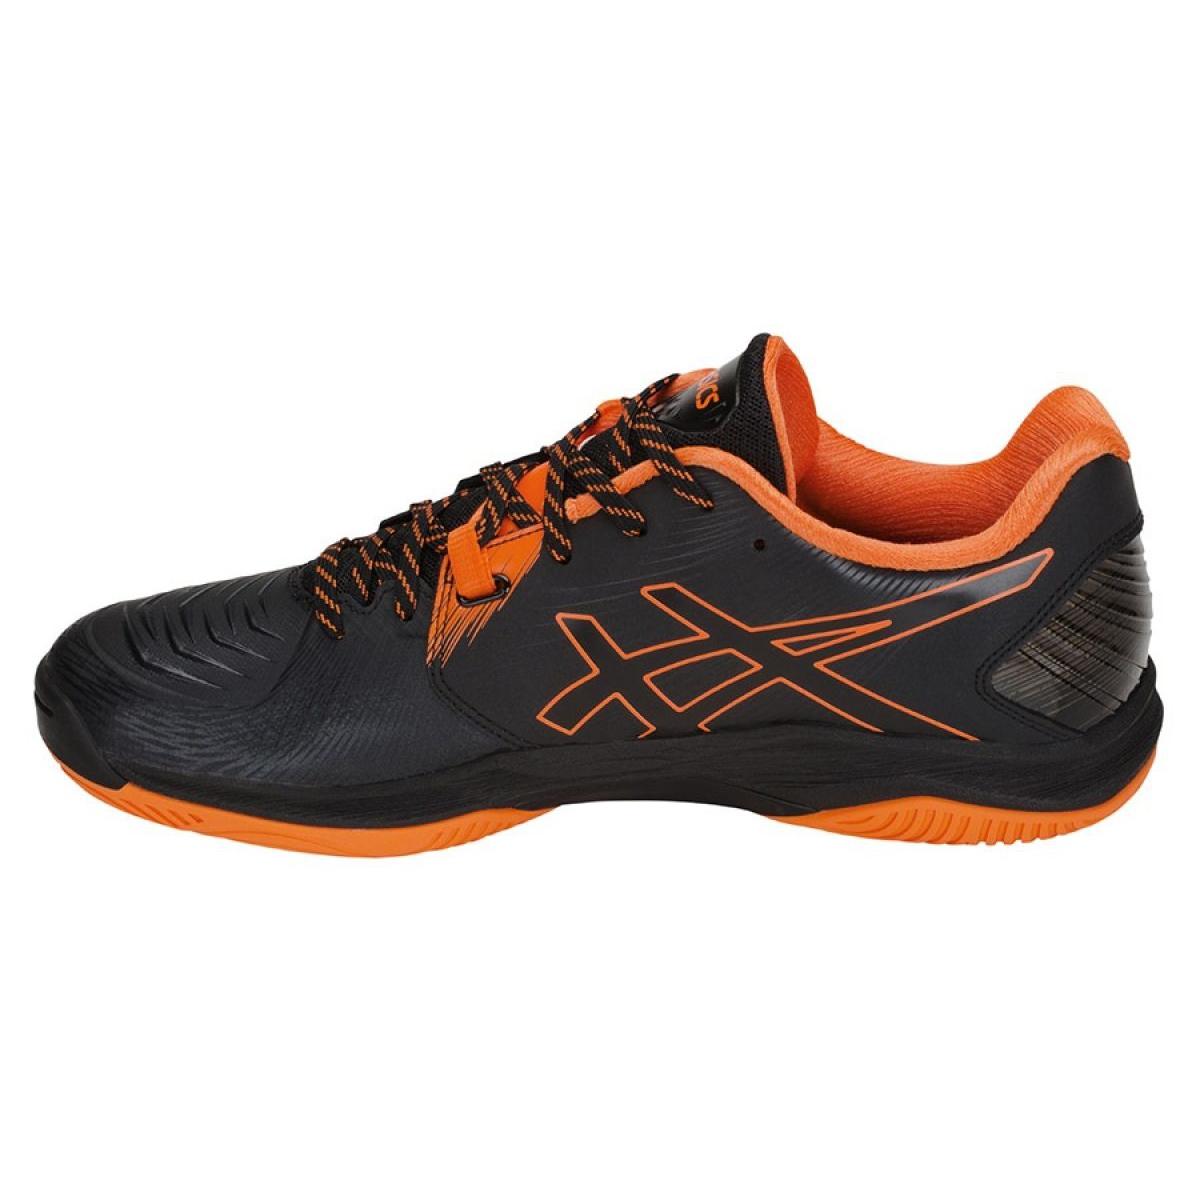 Chaussures de handball Asics Blast Ff M 1071A002 601